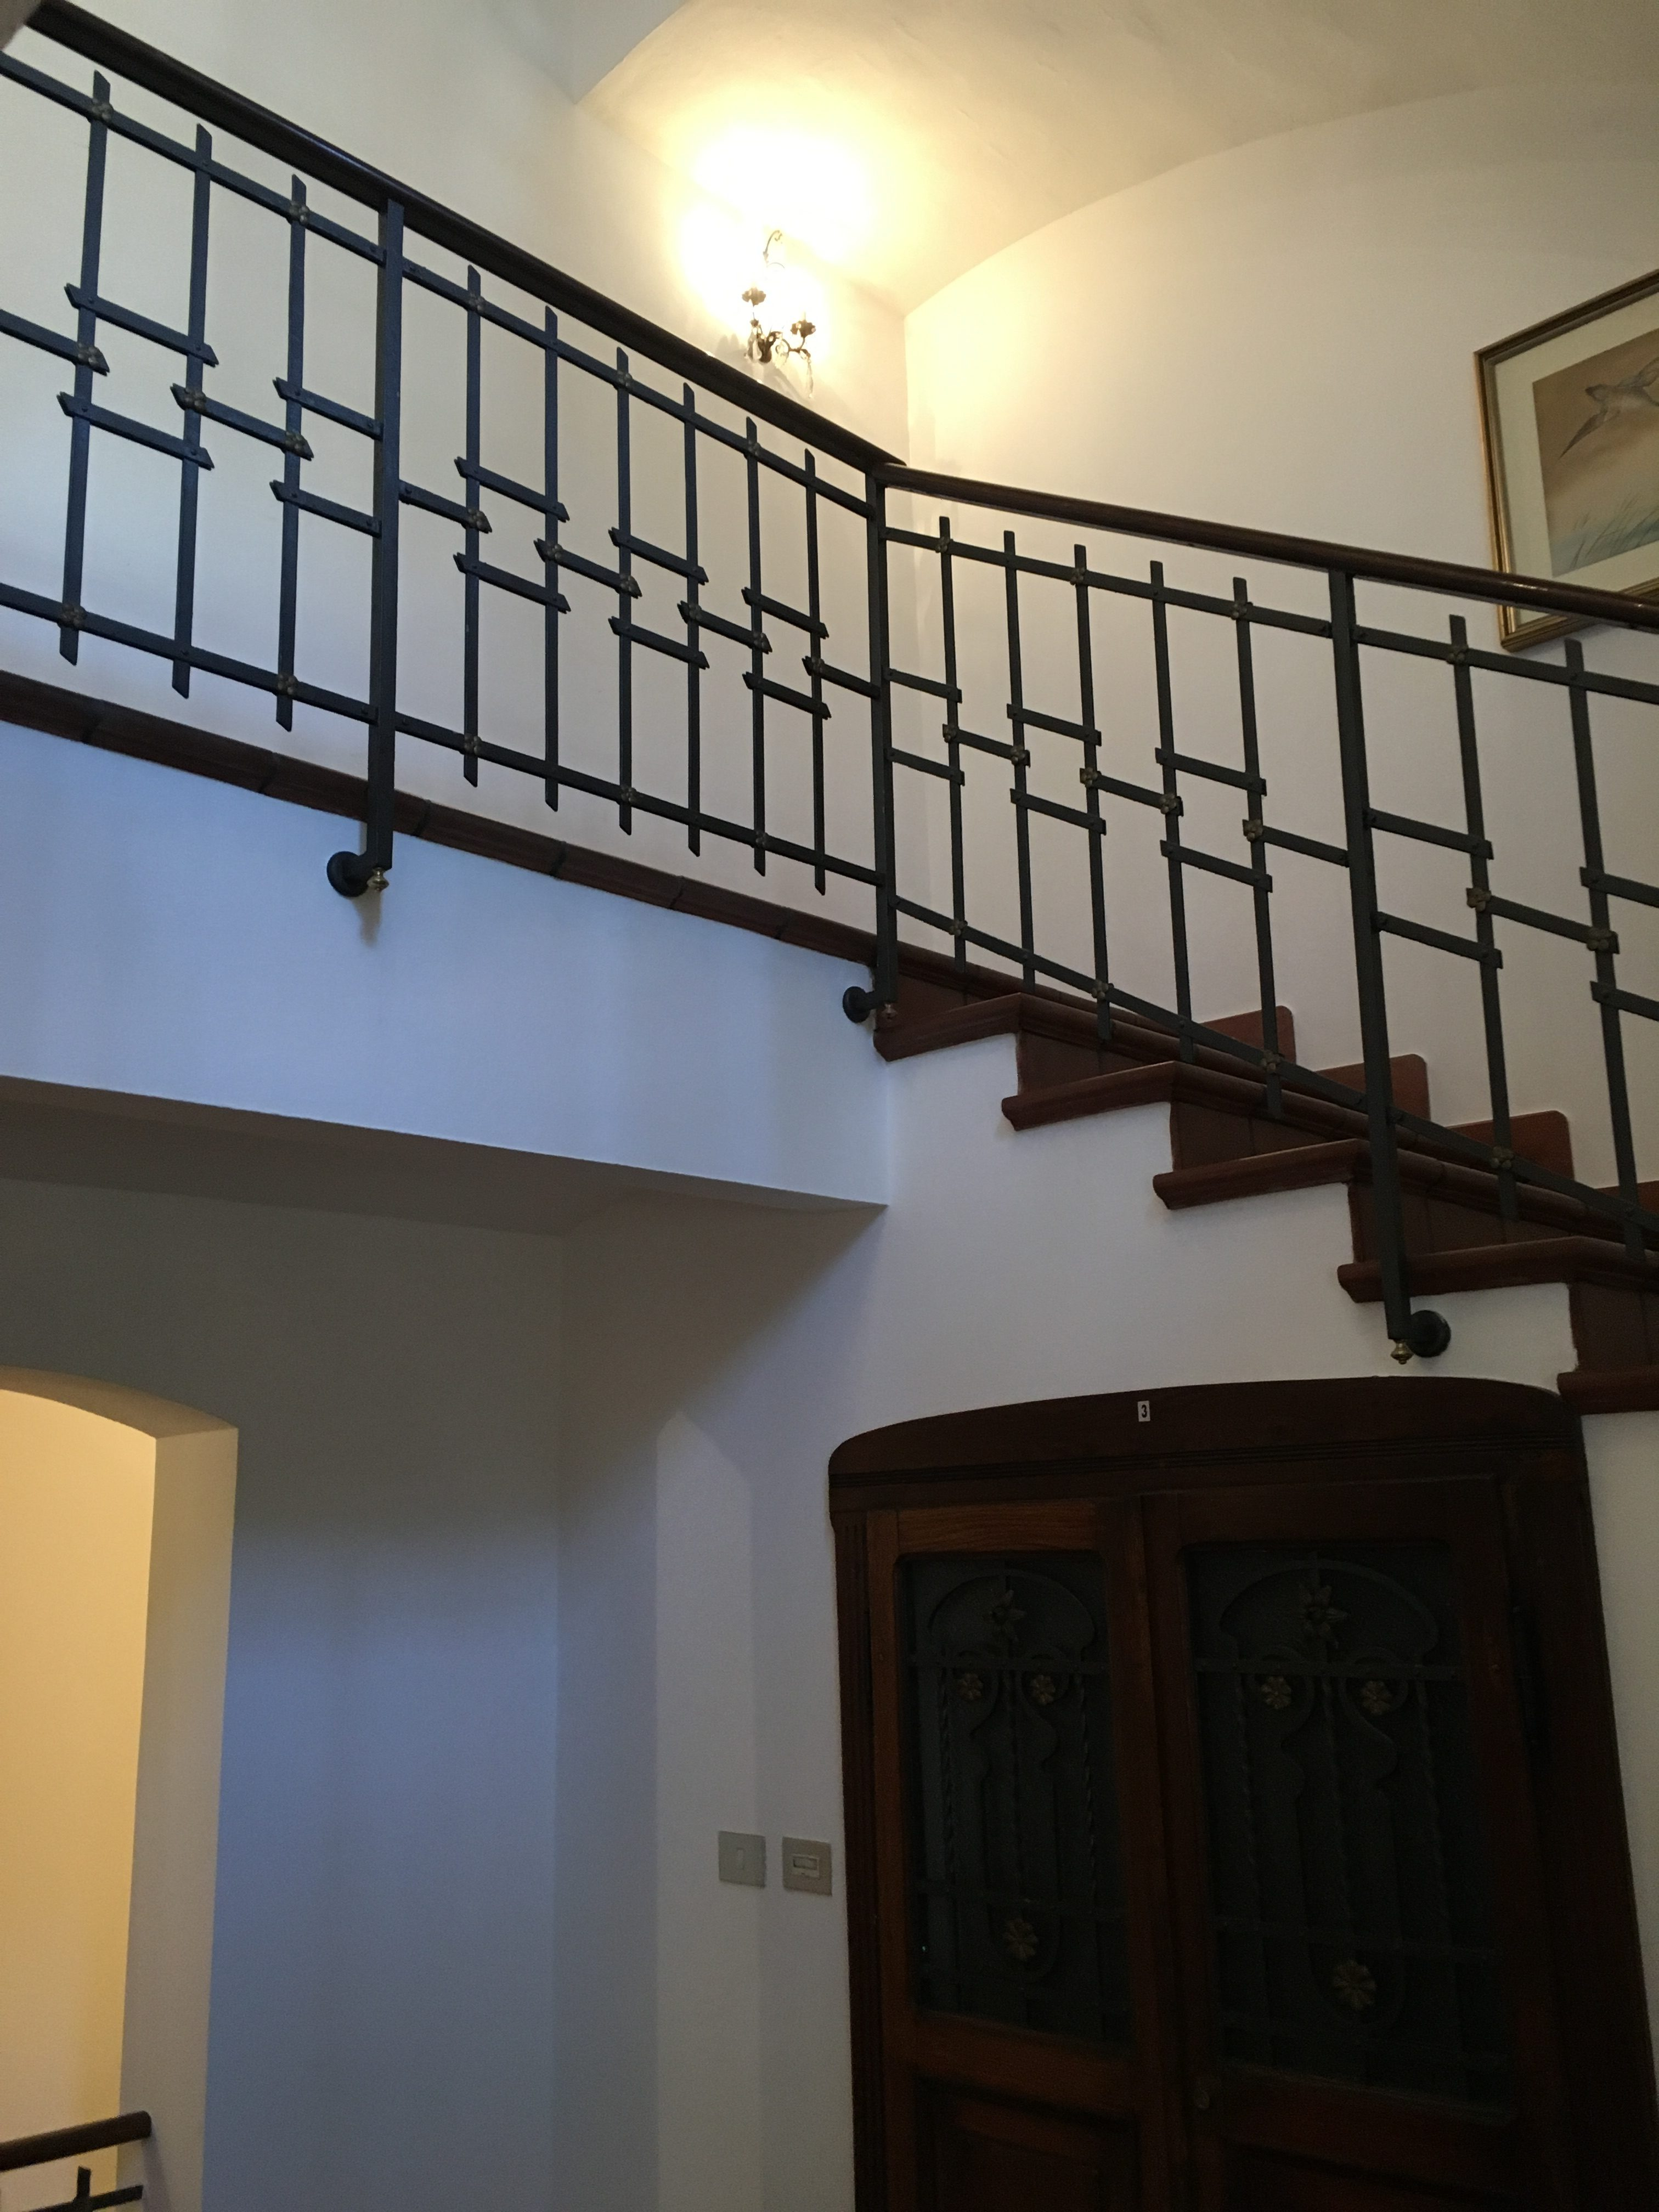 Appartamento centro storico rubiera reggio emilia 0077 for Affitto appartamento arredato reggio emilia